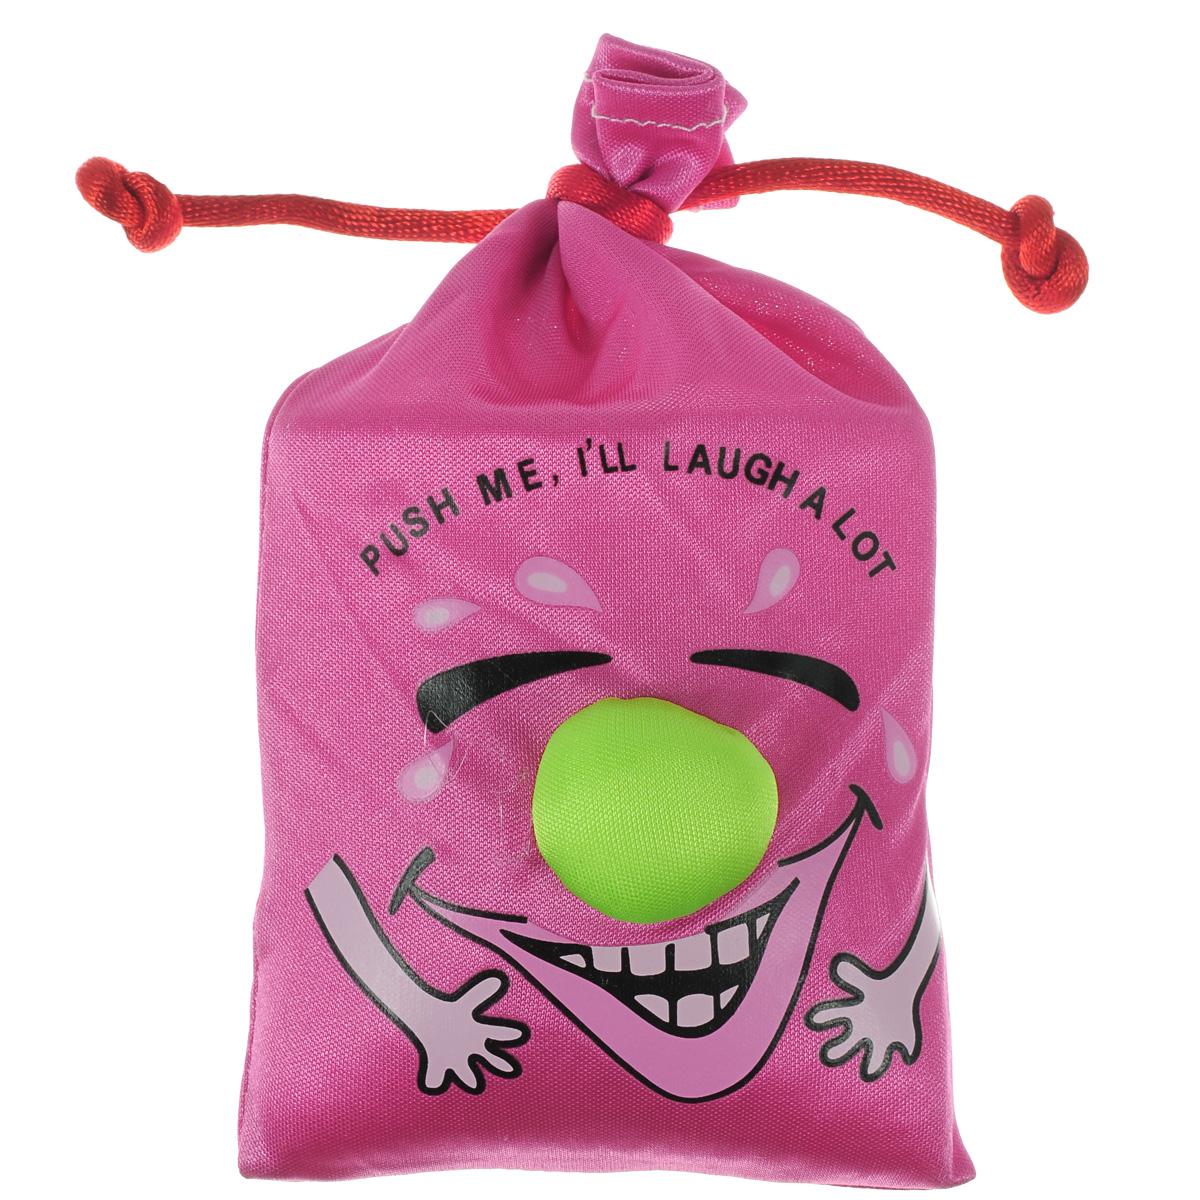 Сувенир Эврика Мешочек со смехом, цвет: розовый93395Сувенир Эврика Мешочек со смехом, изготовленный из текстиля, несомненно, станет замечательным и оригинальным подарком для друзей и близких и вызовет улыбку у каждого! Мешочек является замечательным антидепрессантом и улучшителем настроения. Сожмите его в руке и он зальется звонким смехом. Изделие оформлено забавной смеющейся рожицей и надписью Push me, ill laugh a lot. Отличный сувенир для хорошего настроения!